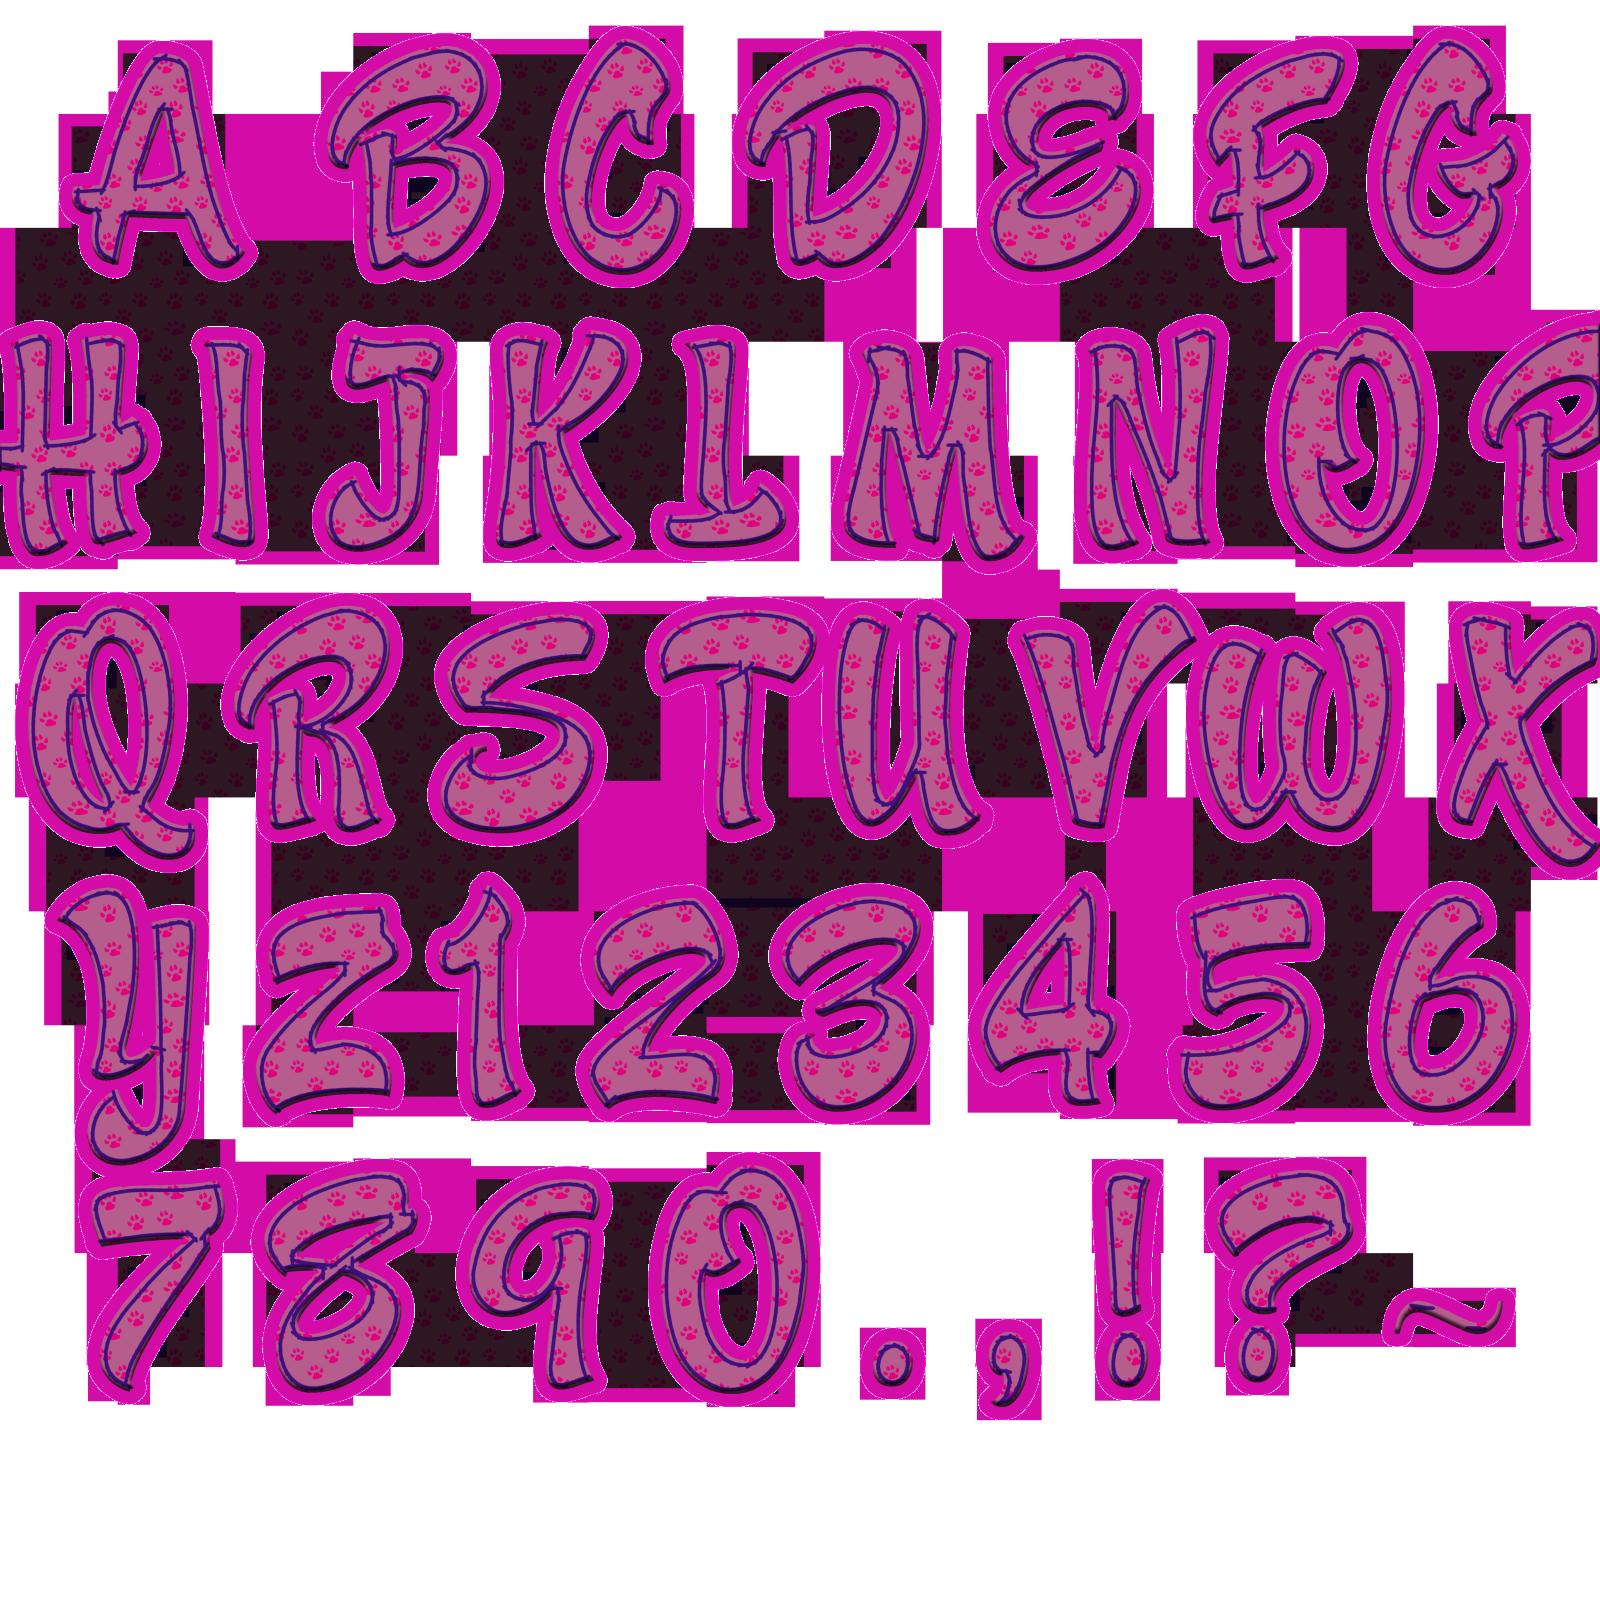 Abecedario letras bonitas ecro para dibujar pelautscom - Letras para dibujar ...